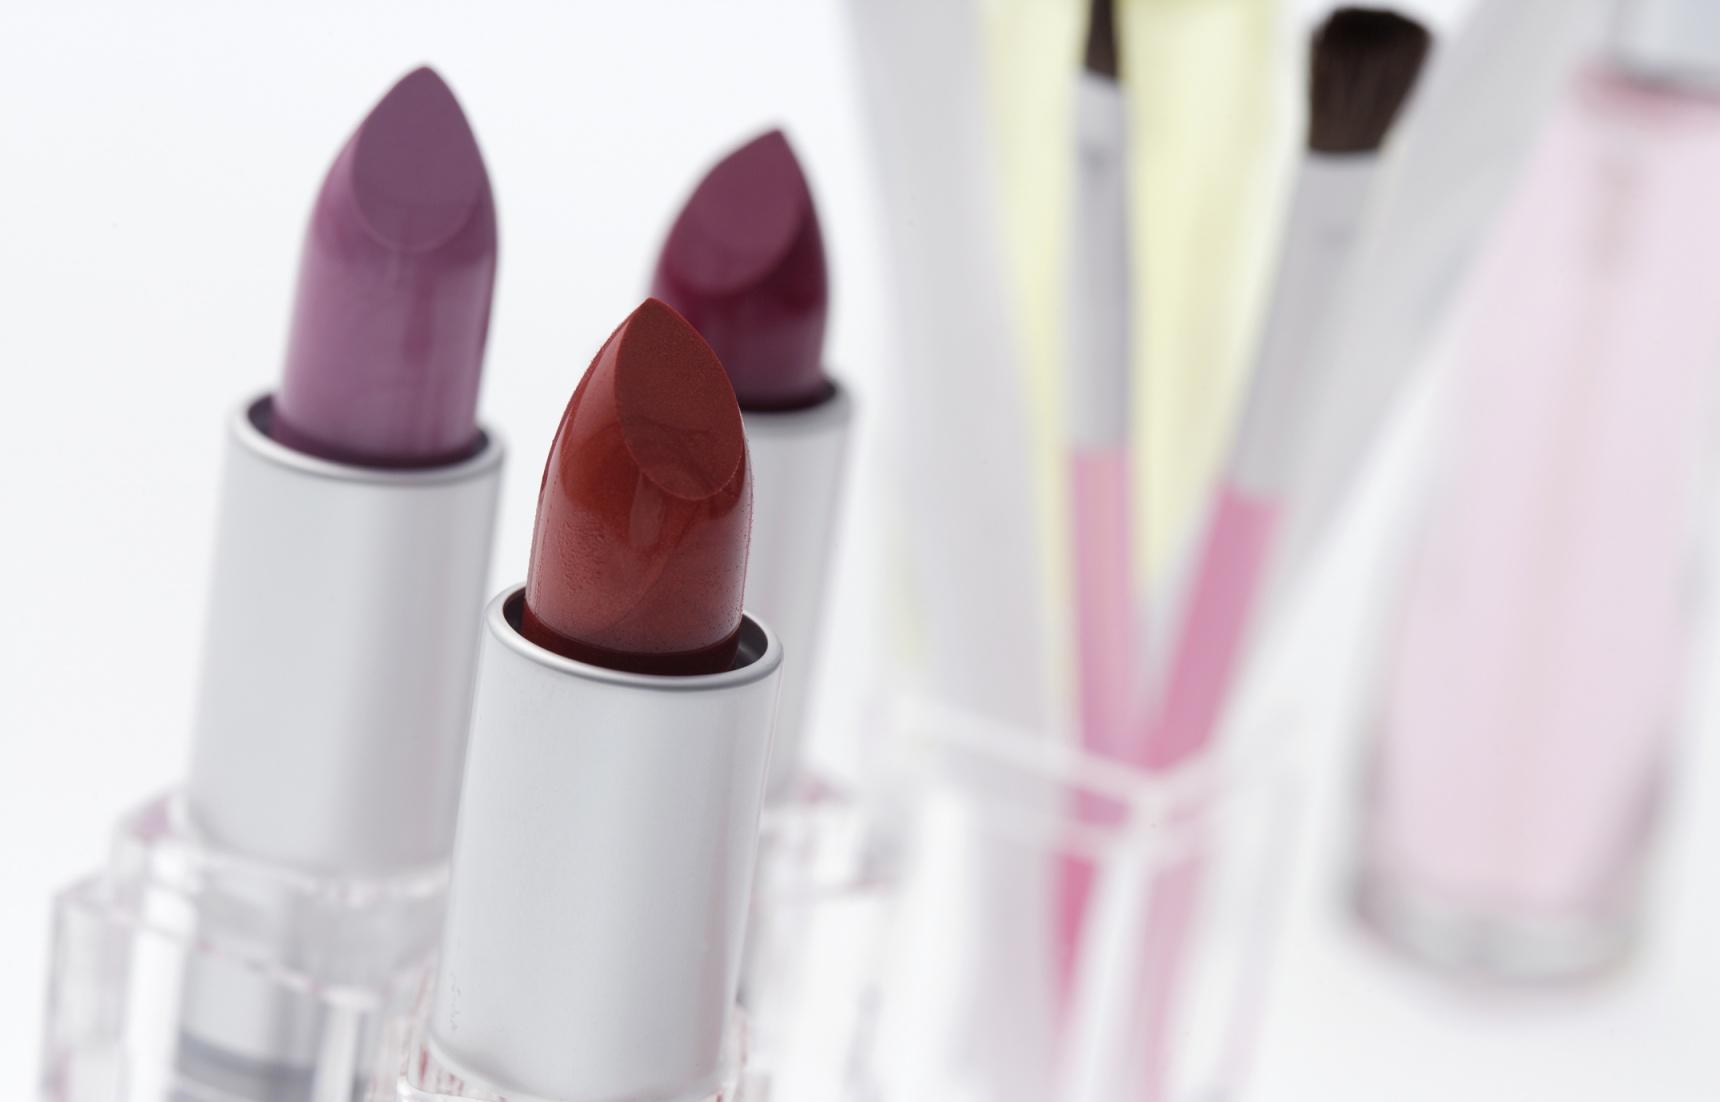 效果赛过品牌专柜的药妆店美妆单品,经济又实惠!